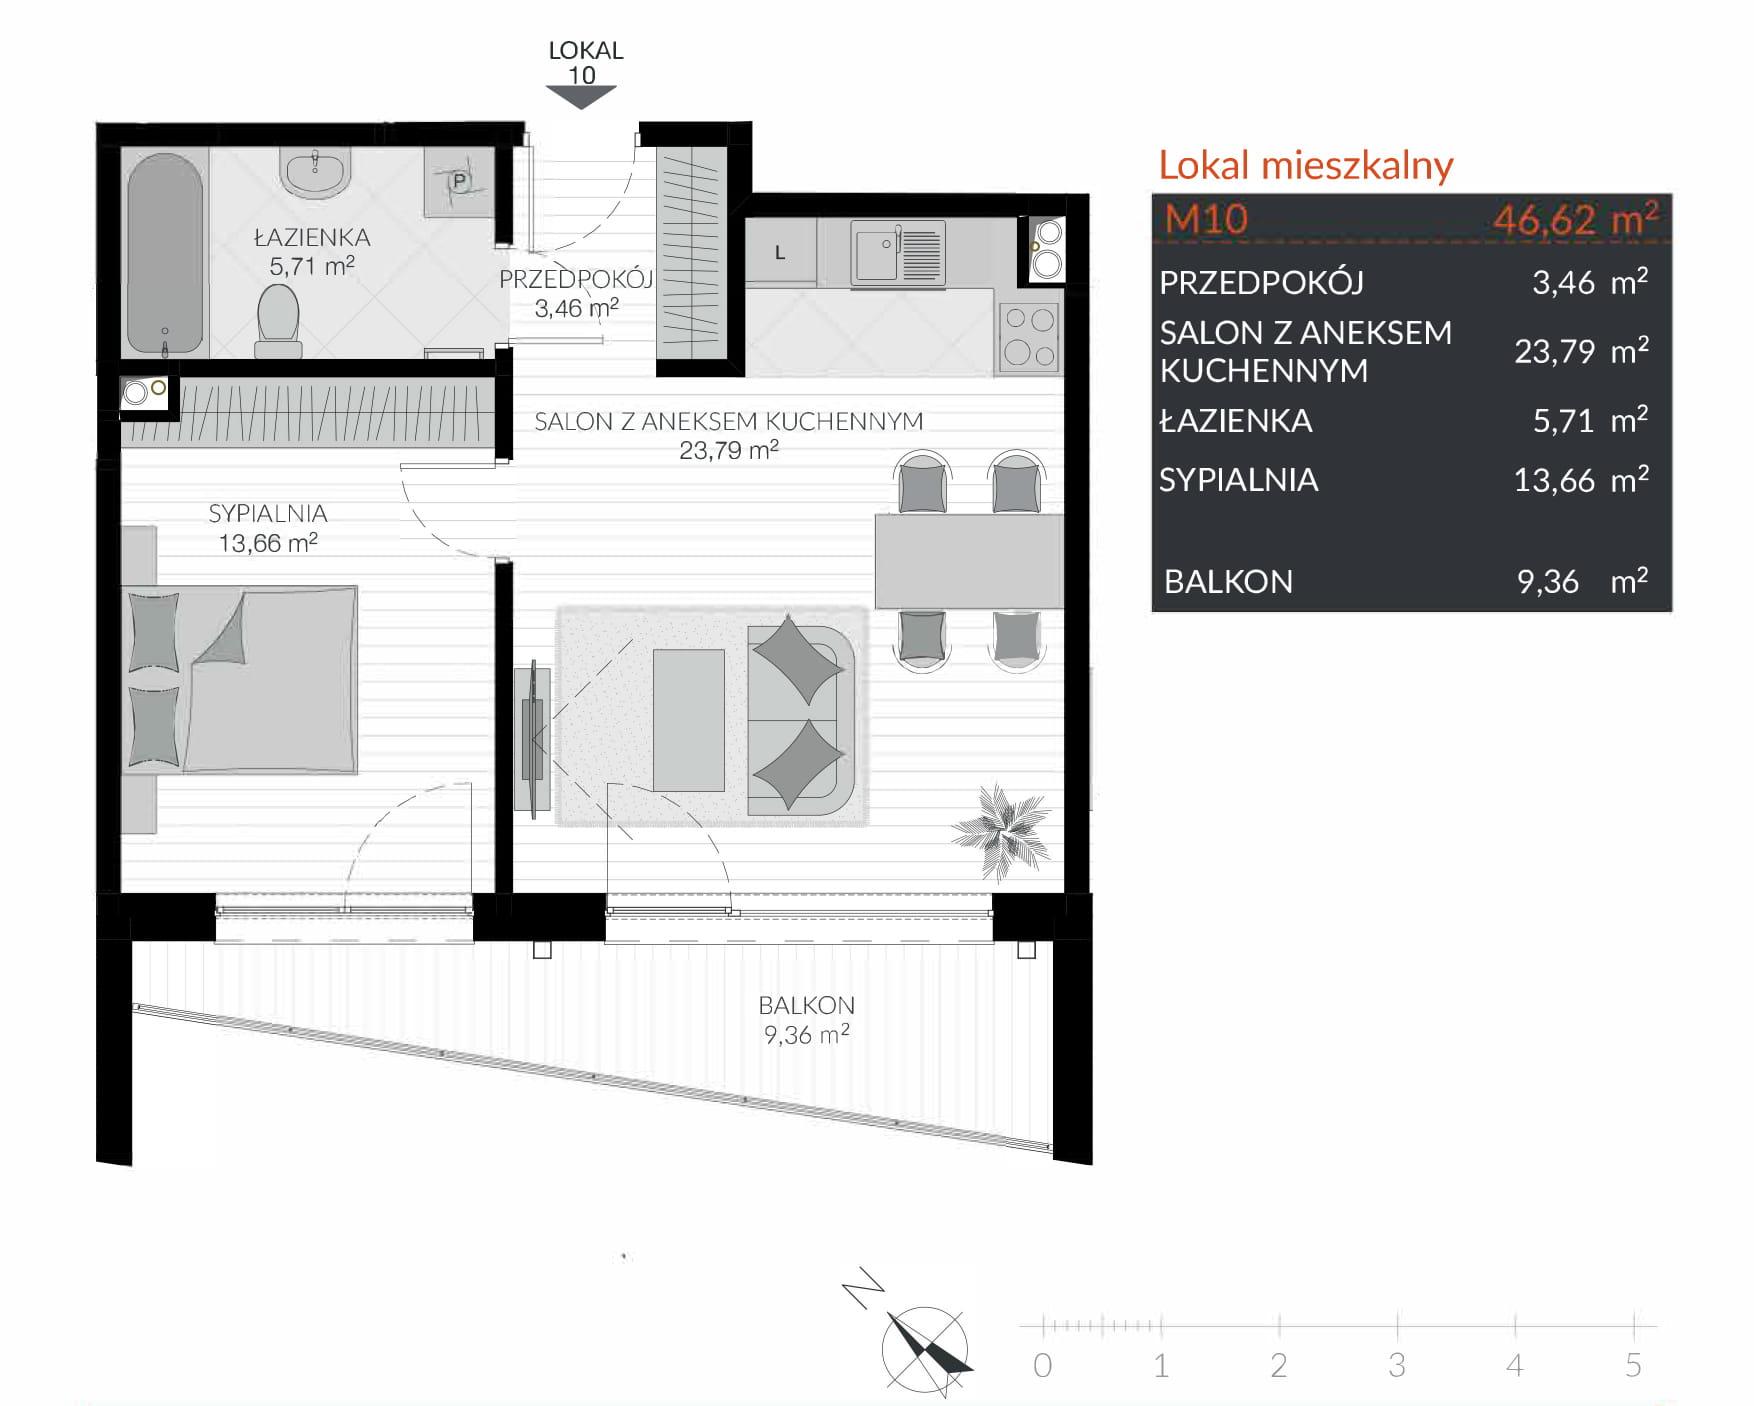 Apartamenty Kamienna / apartamenty inwestycyjne M10 rzut 1